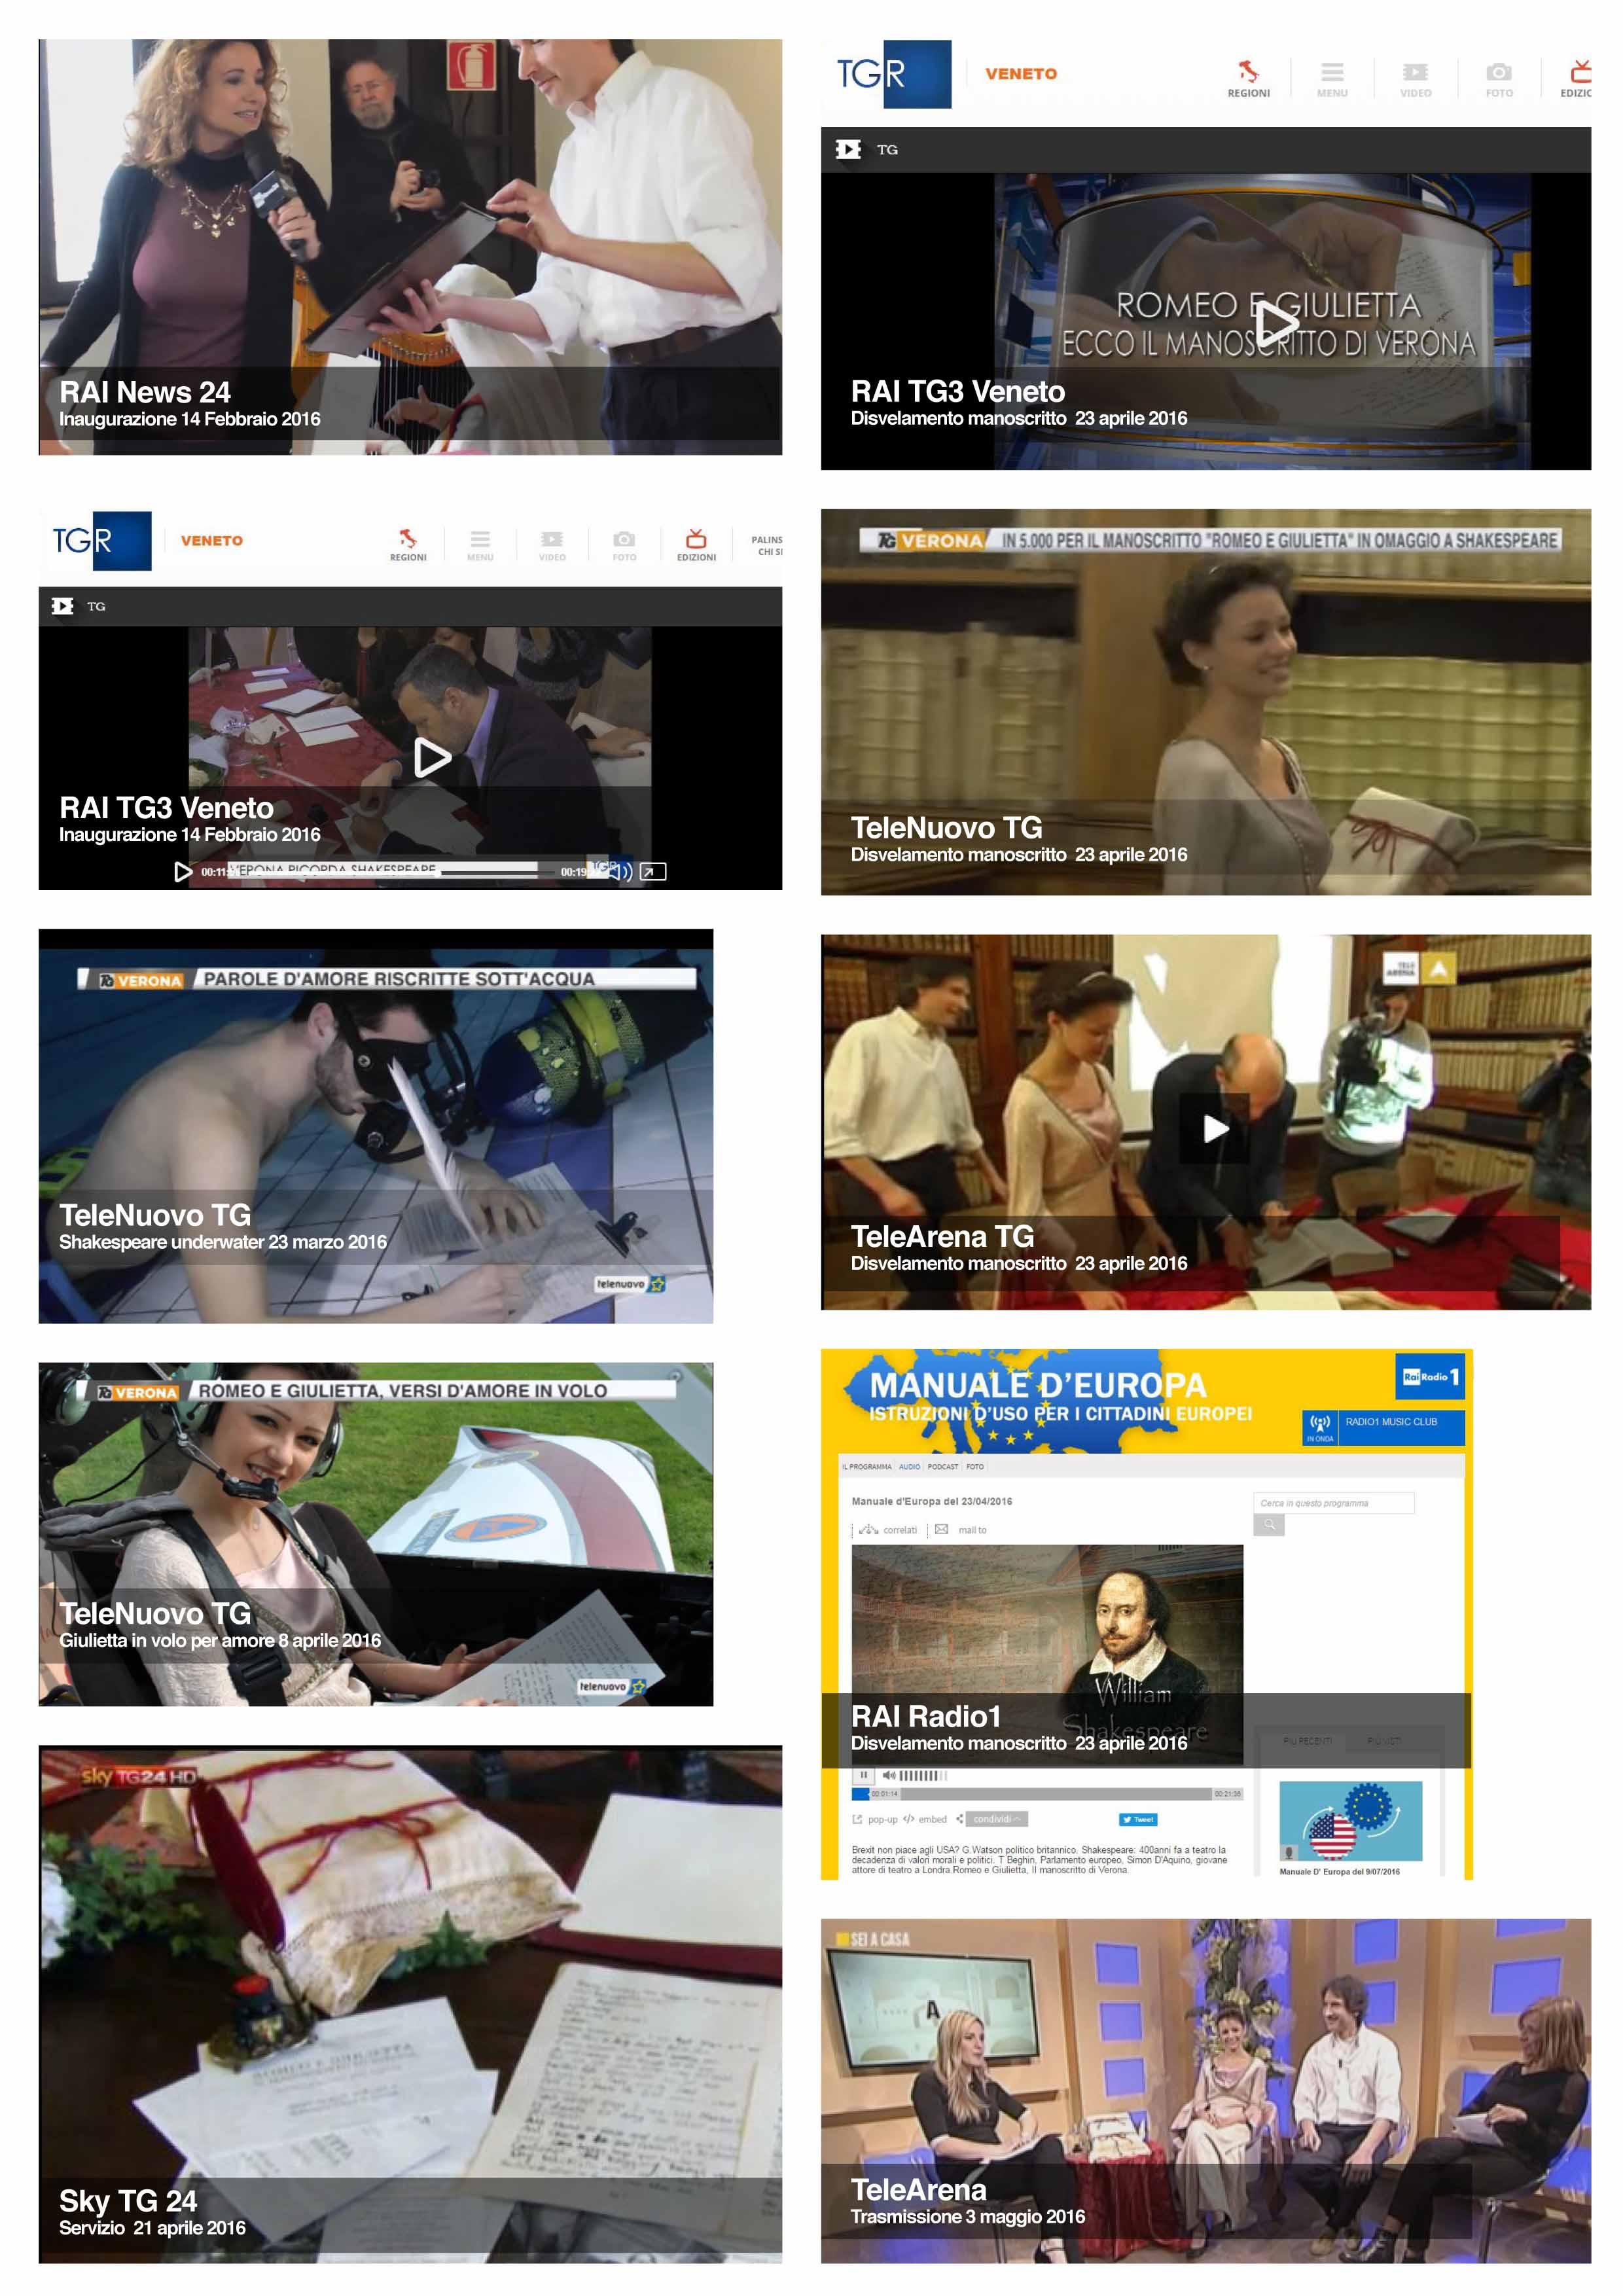 Fotogrammi-Servizi-Televisivi